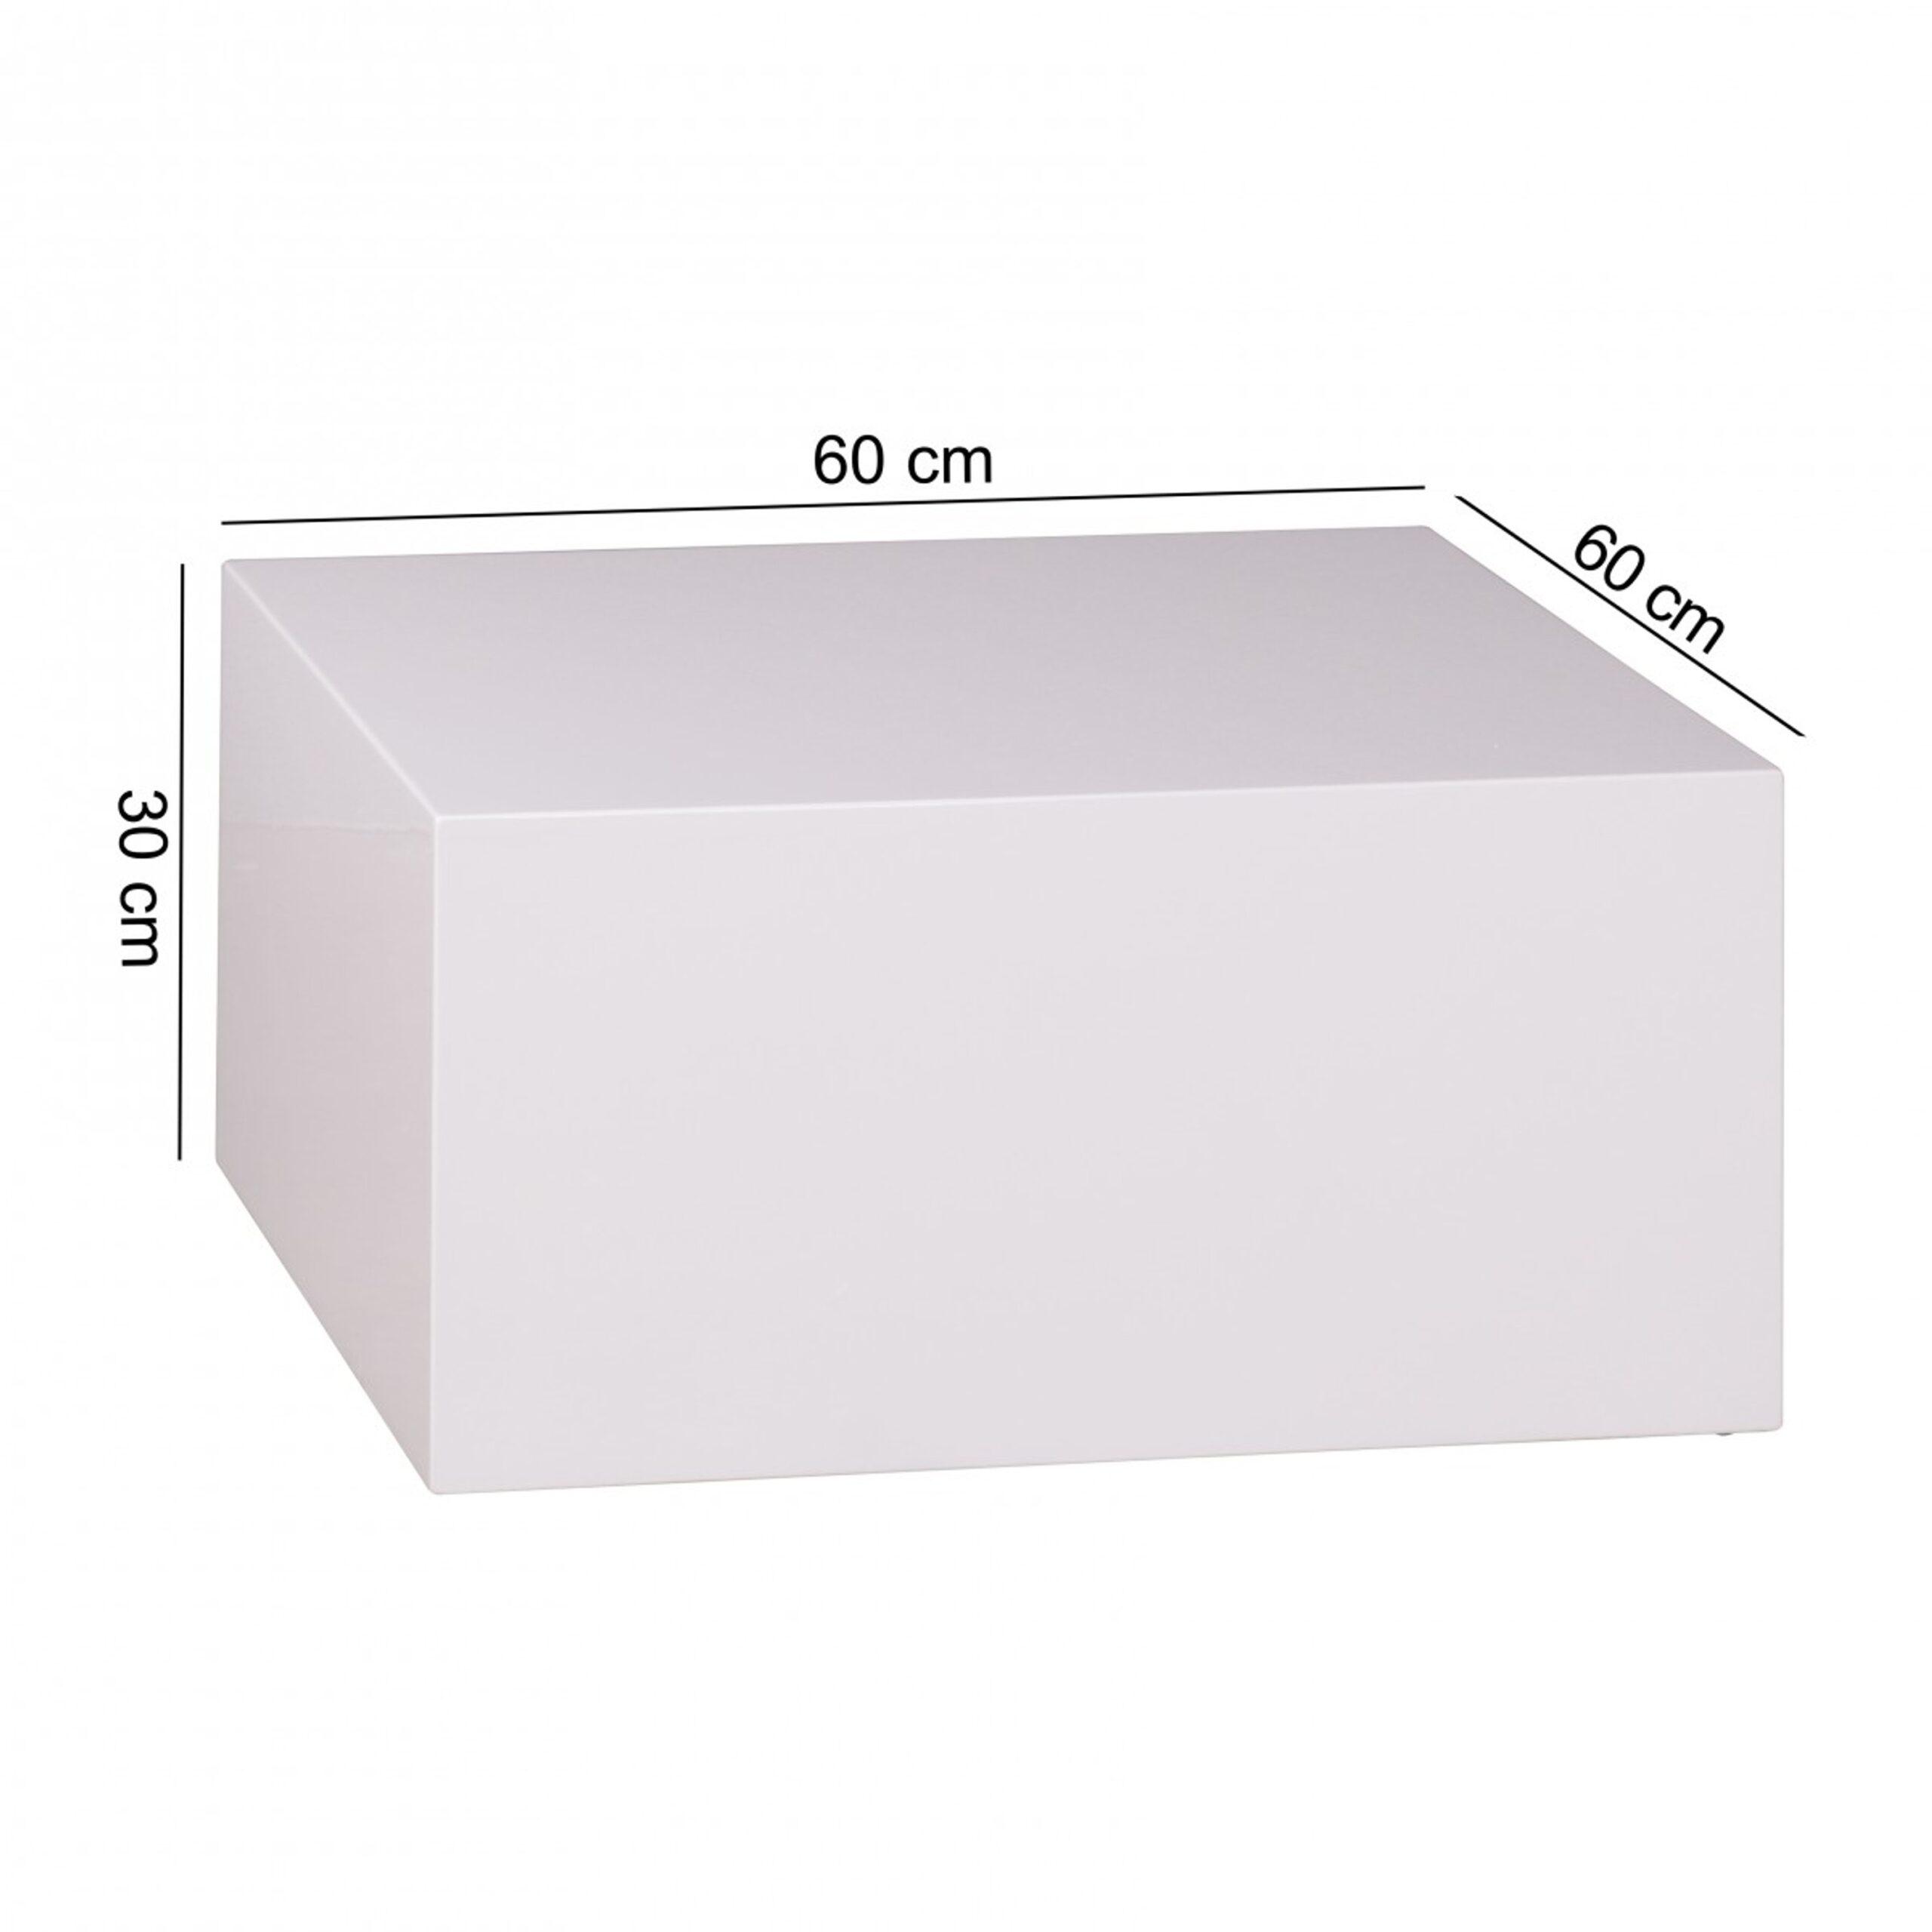 Full Size of Couchtisch Monobloc 60 30 Cm Hochglanz Mdf Wei Lackiert Regal Für Kleidung Weißes Sofa Zum Aufhängen Schlafzimmer Weißer Esstisch Metall Weiß Kleine Wohnzimmer Cube Regal Weiß Hochglanz